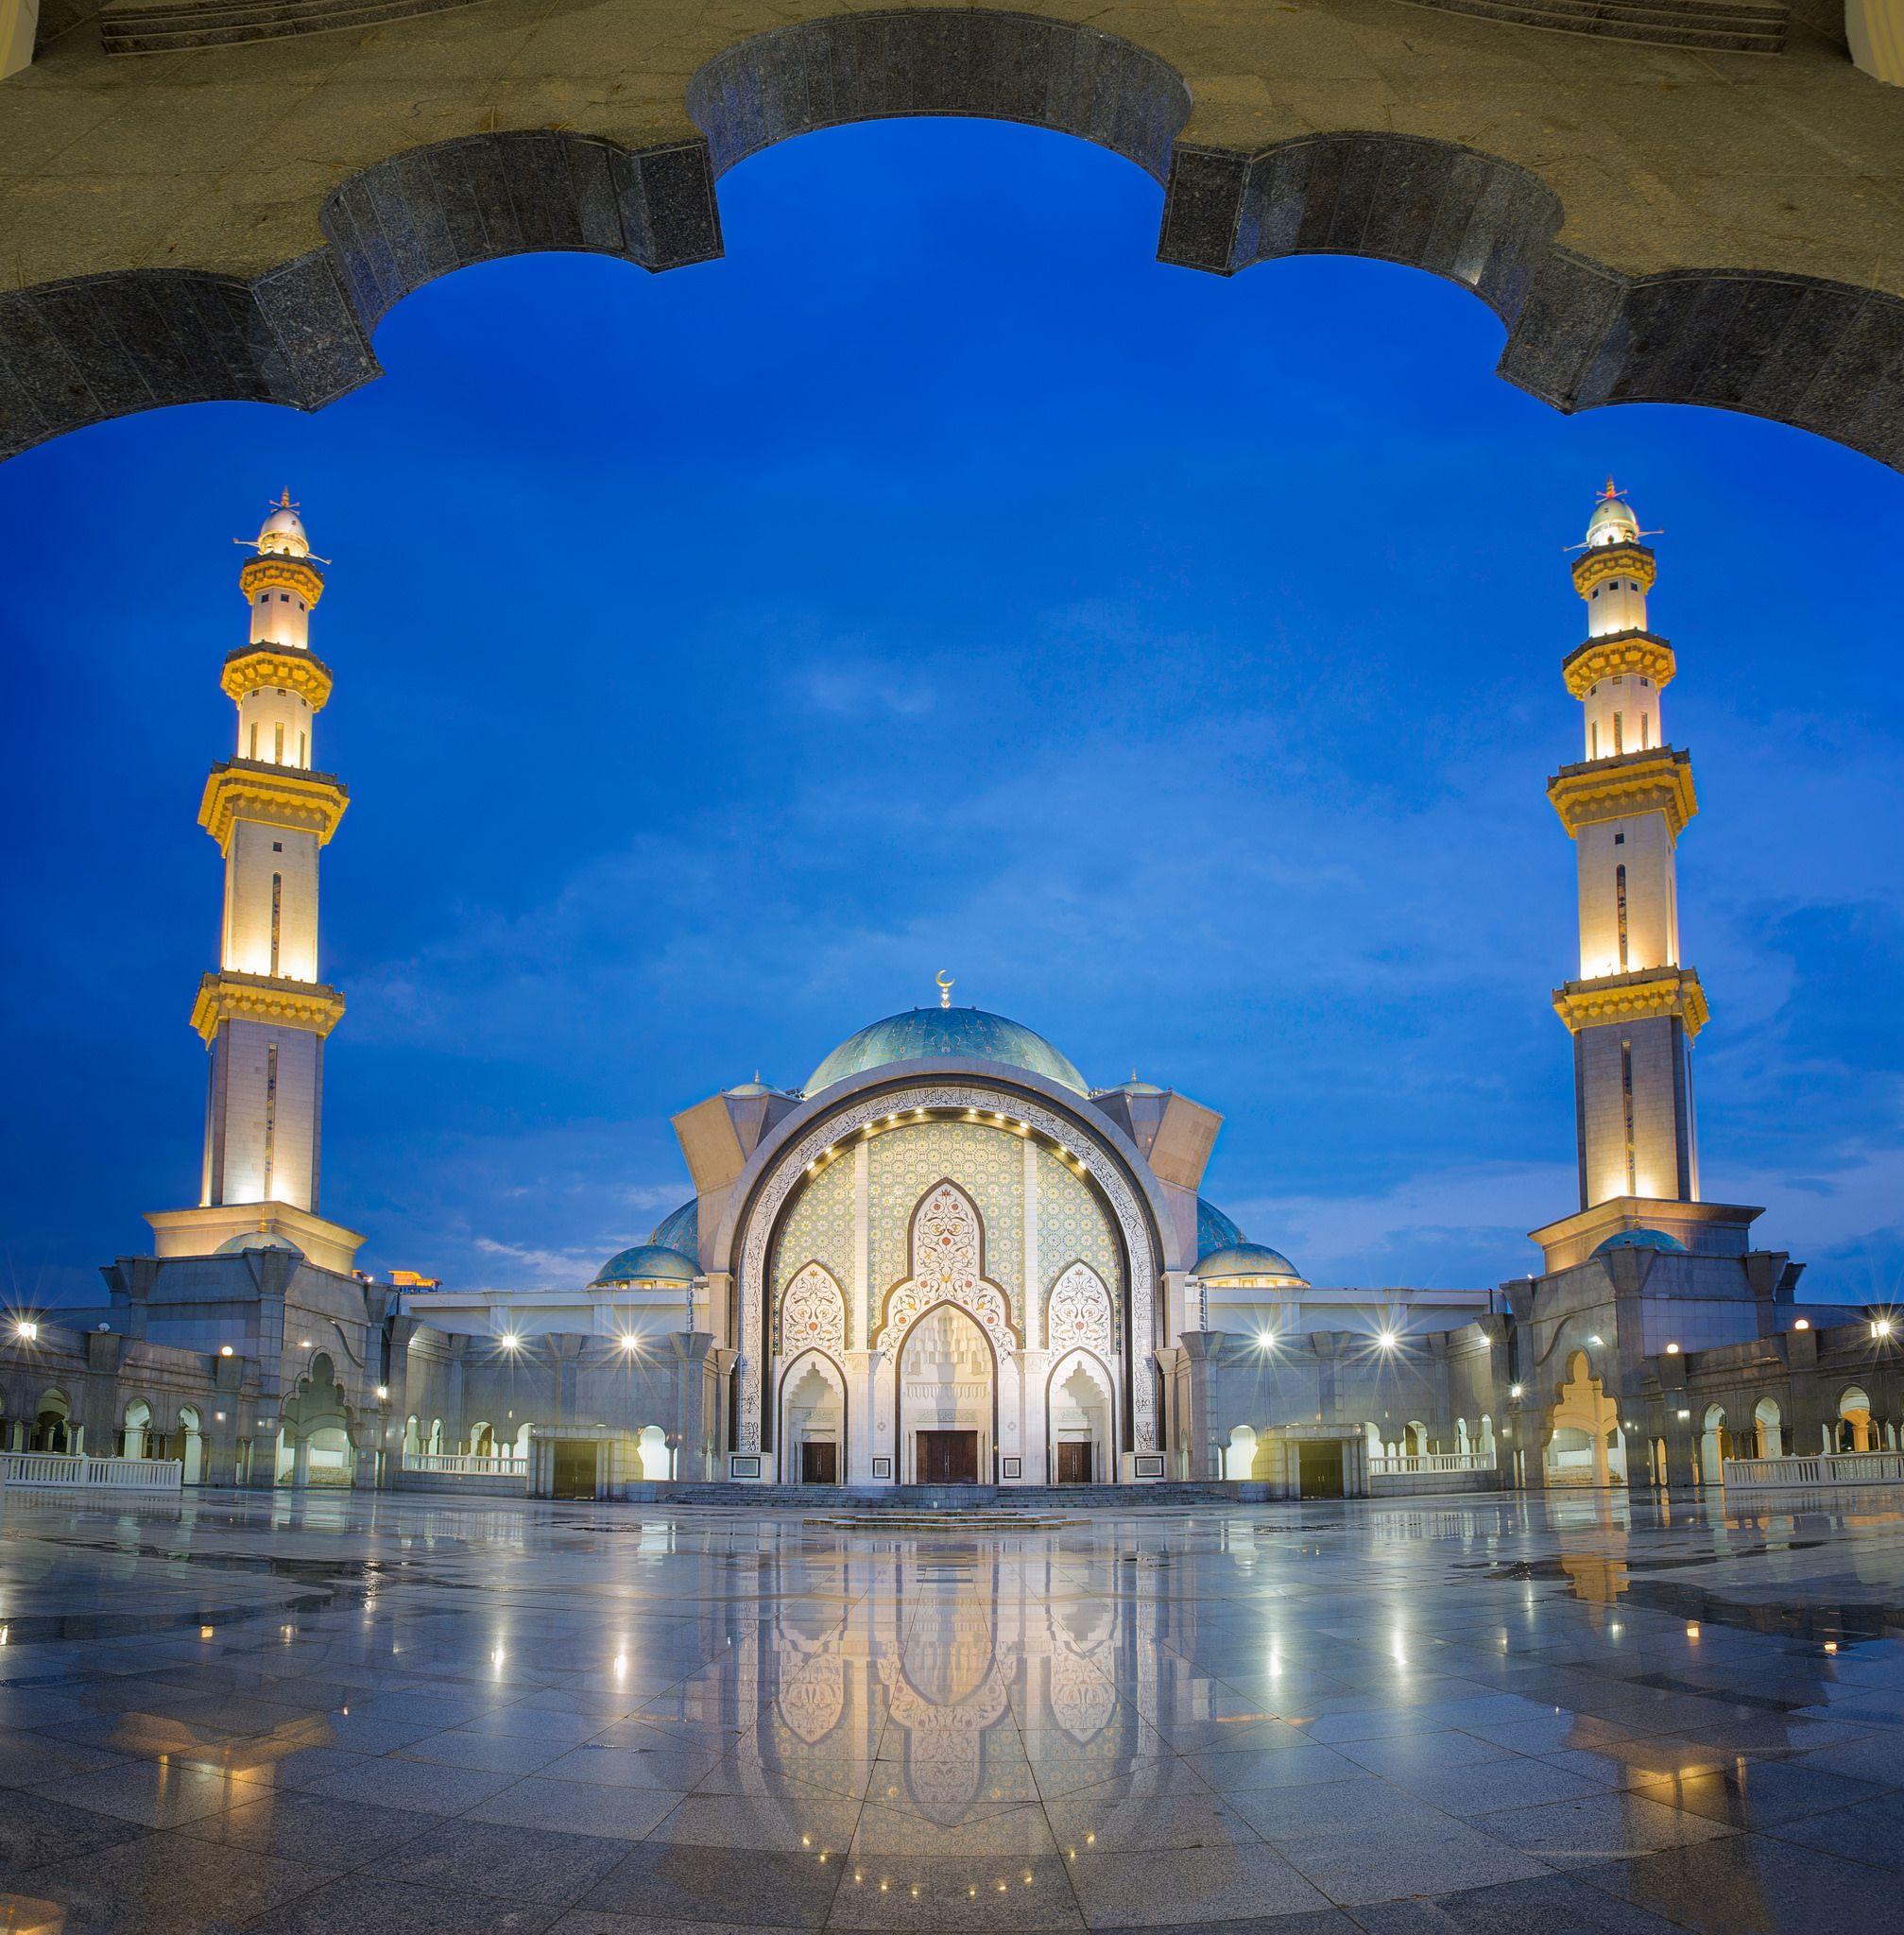 Mosques - مــسـاجــد